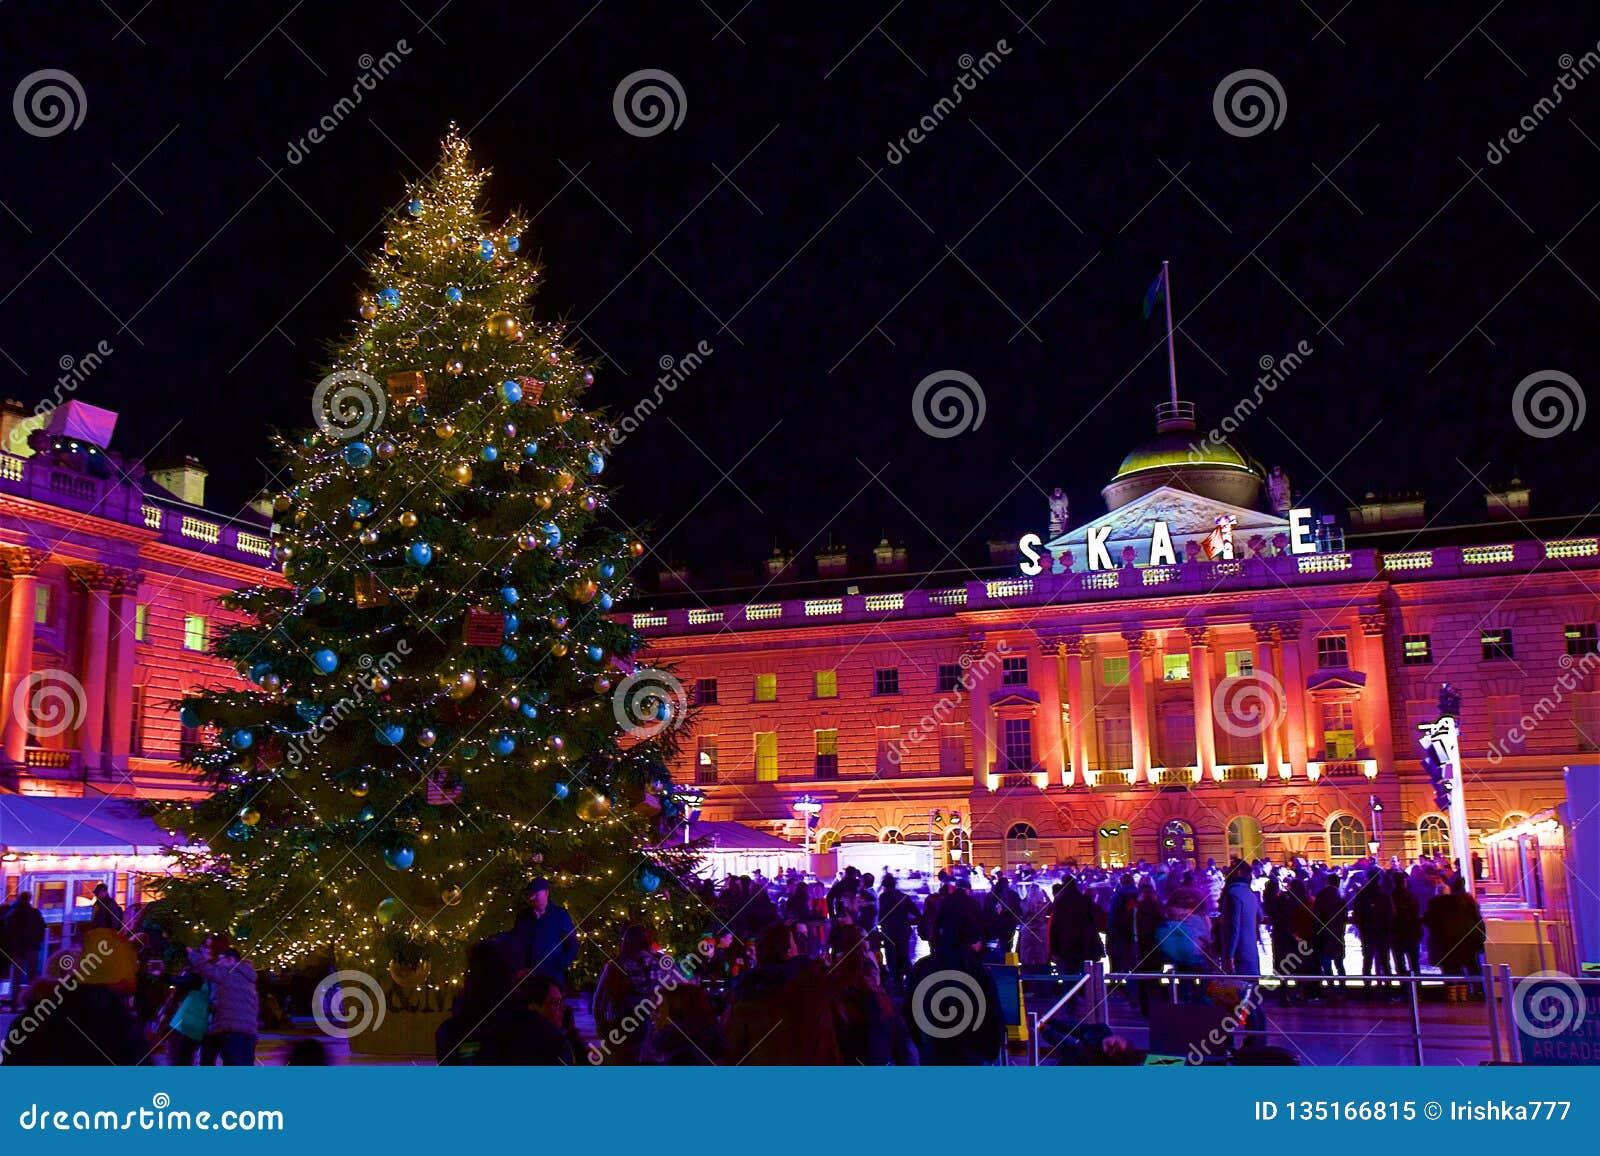 England Christmas.Skating Rink In London At Christmas Uk Editorial Image